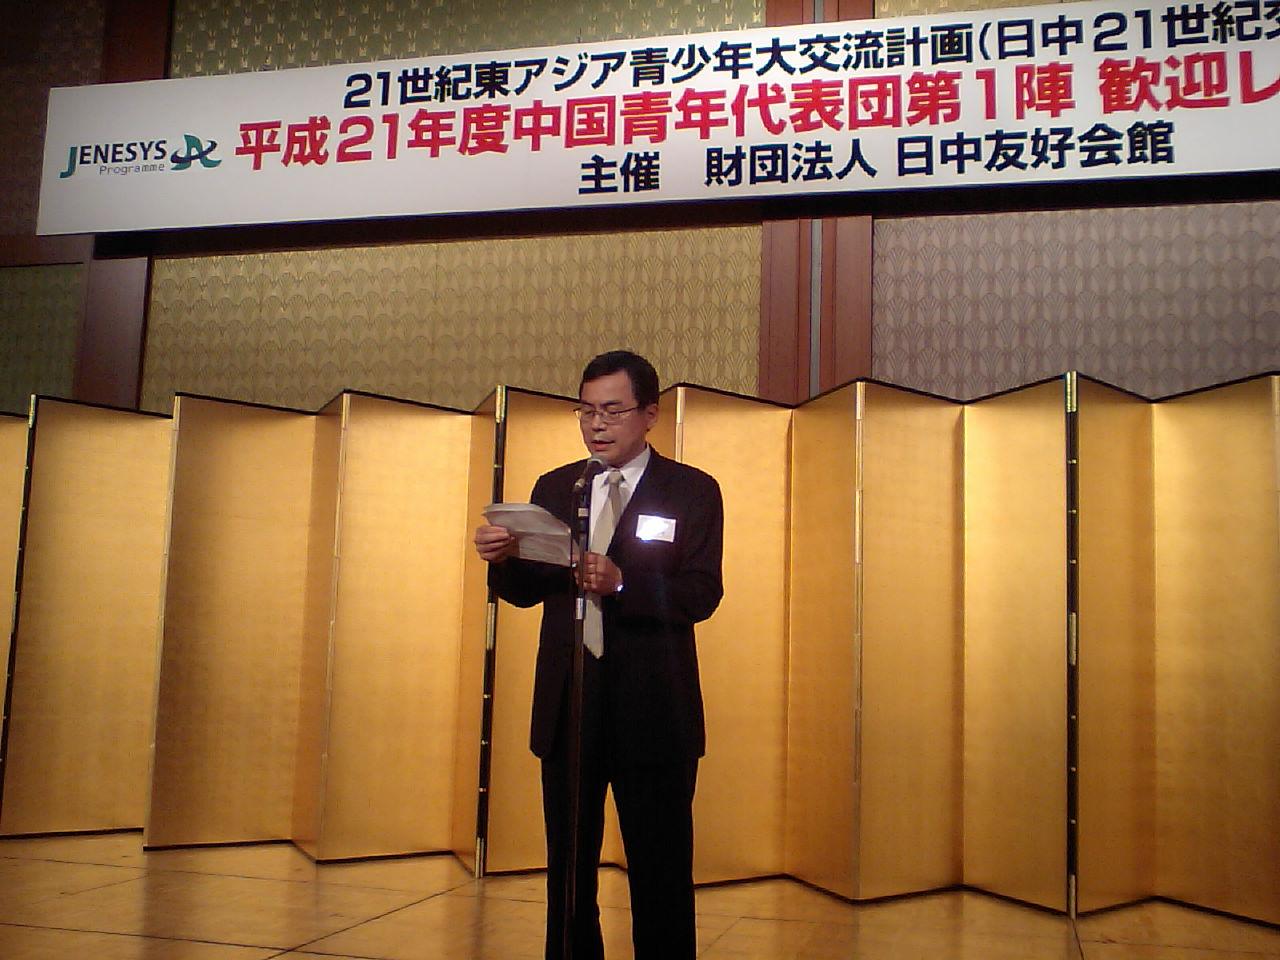 田尻和宏広州総領事の挨拶_d0027795_19105012.jpg